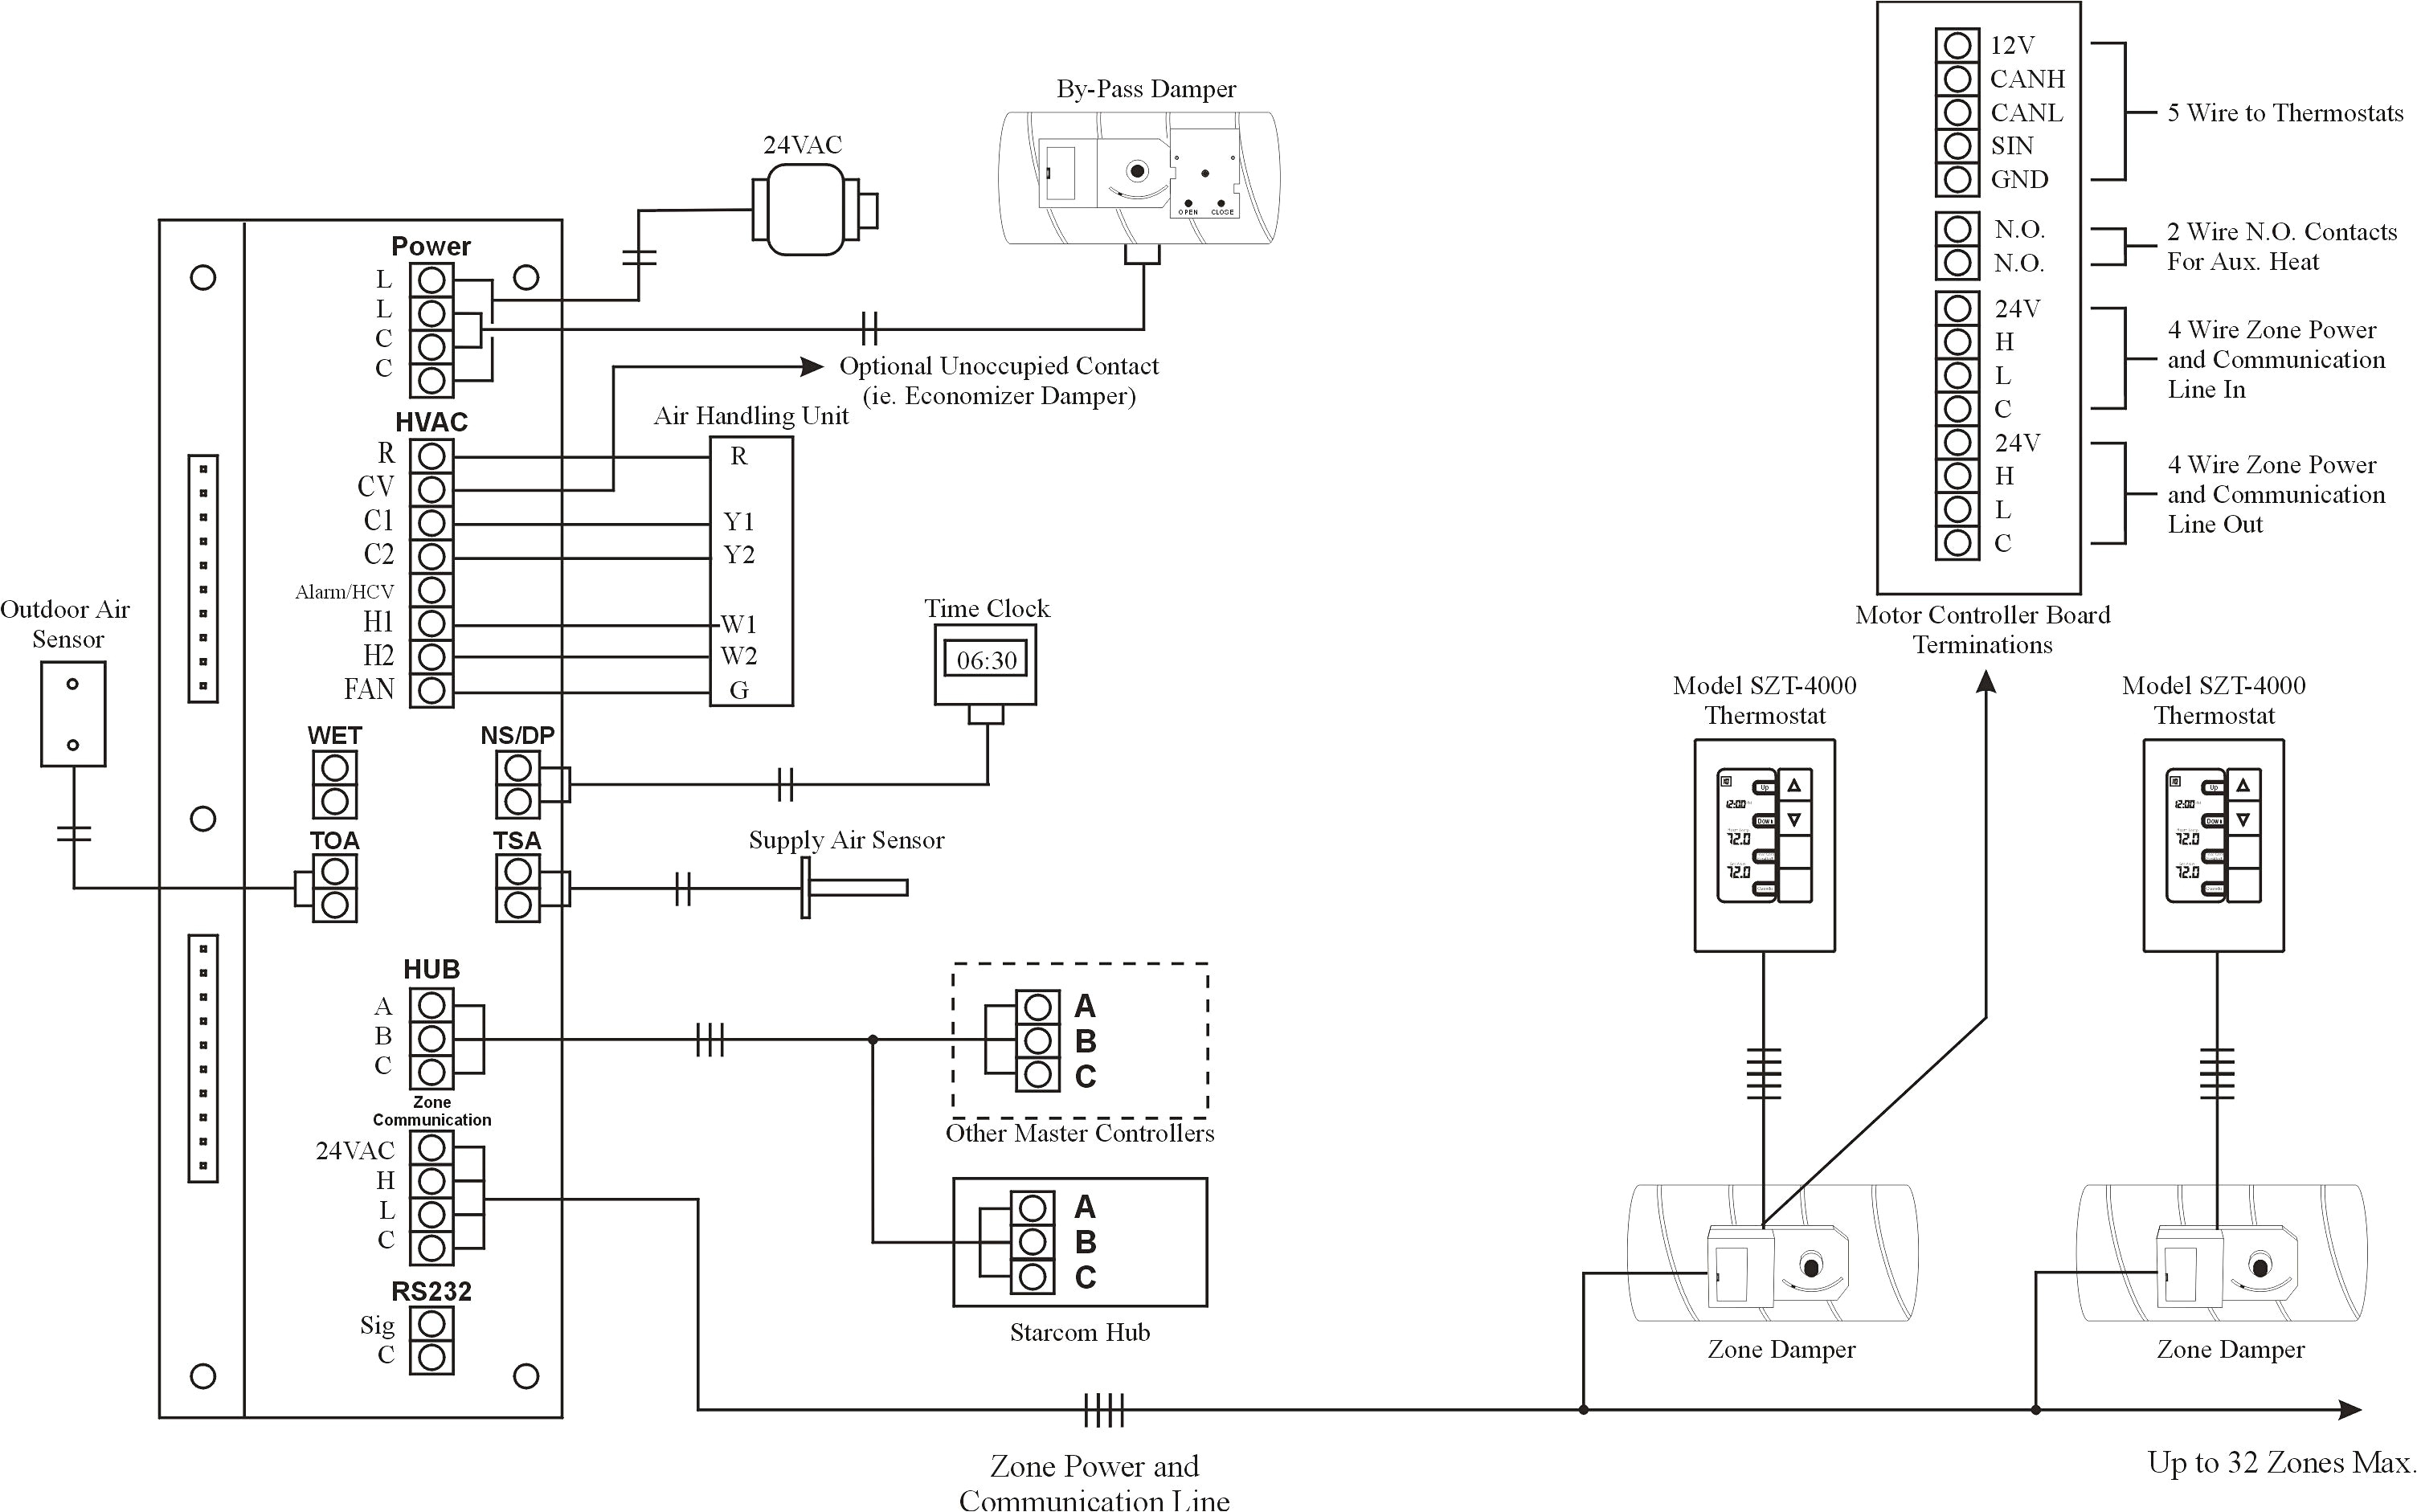 bulldog xk09 wiring diagram wiring diagram bulldog xk09 wiring diagram